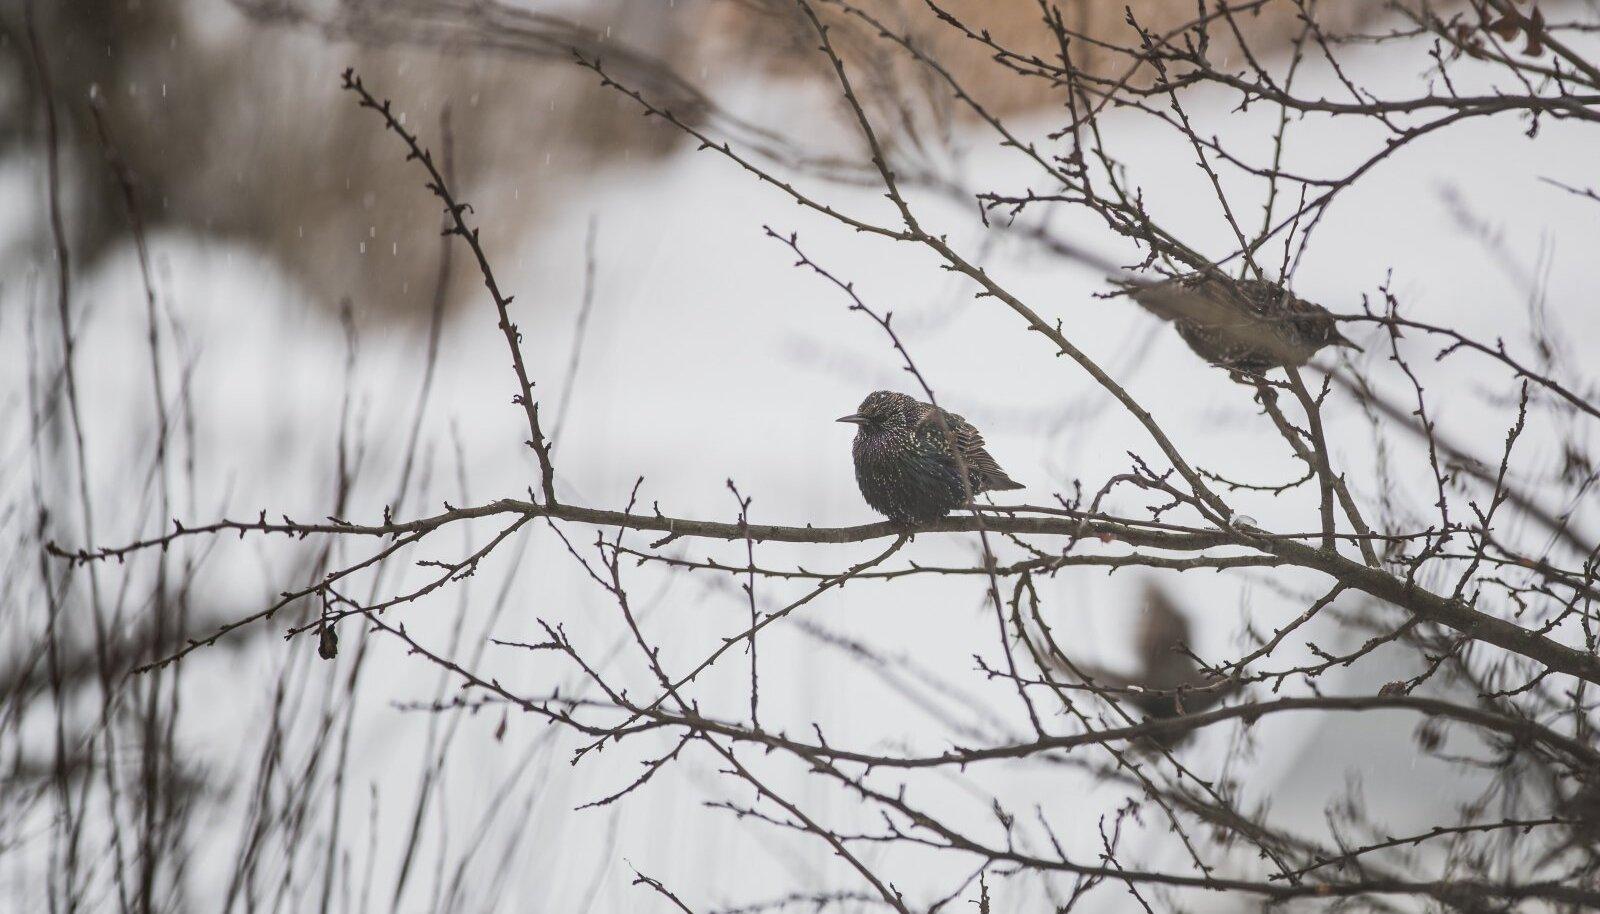 Tänavu tuleb teateid, et ka kuldnokad, meie aasta linnud on parvedena talveks Eestisse jäänud.